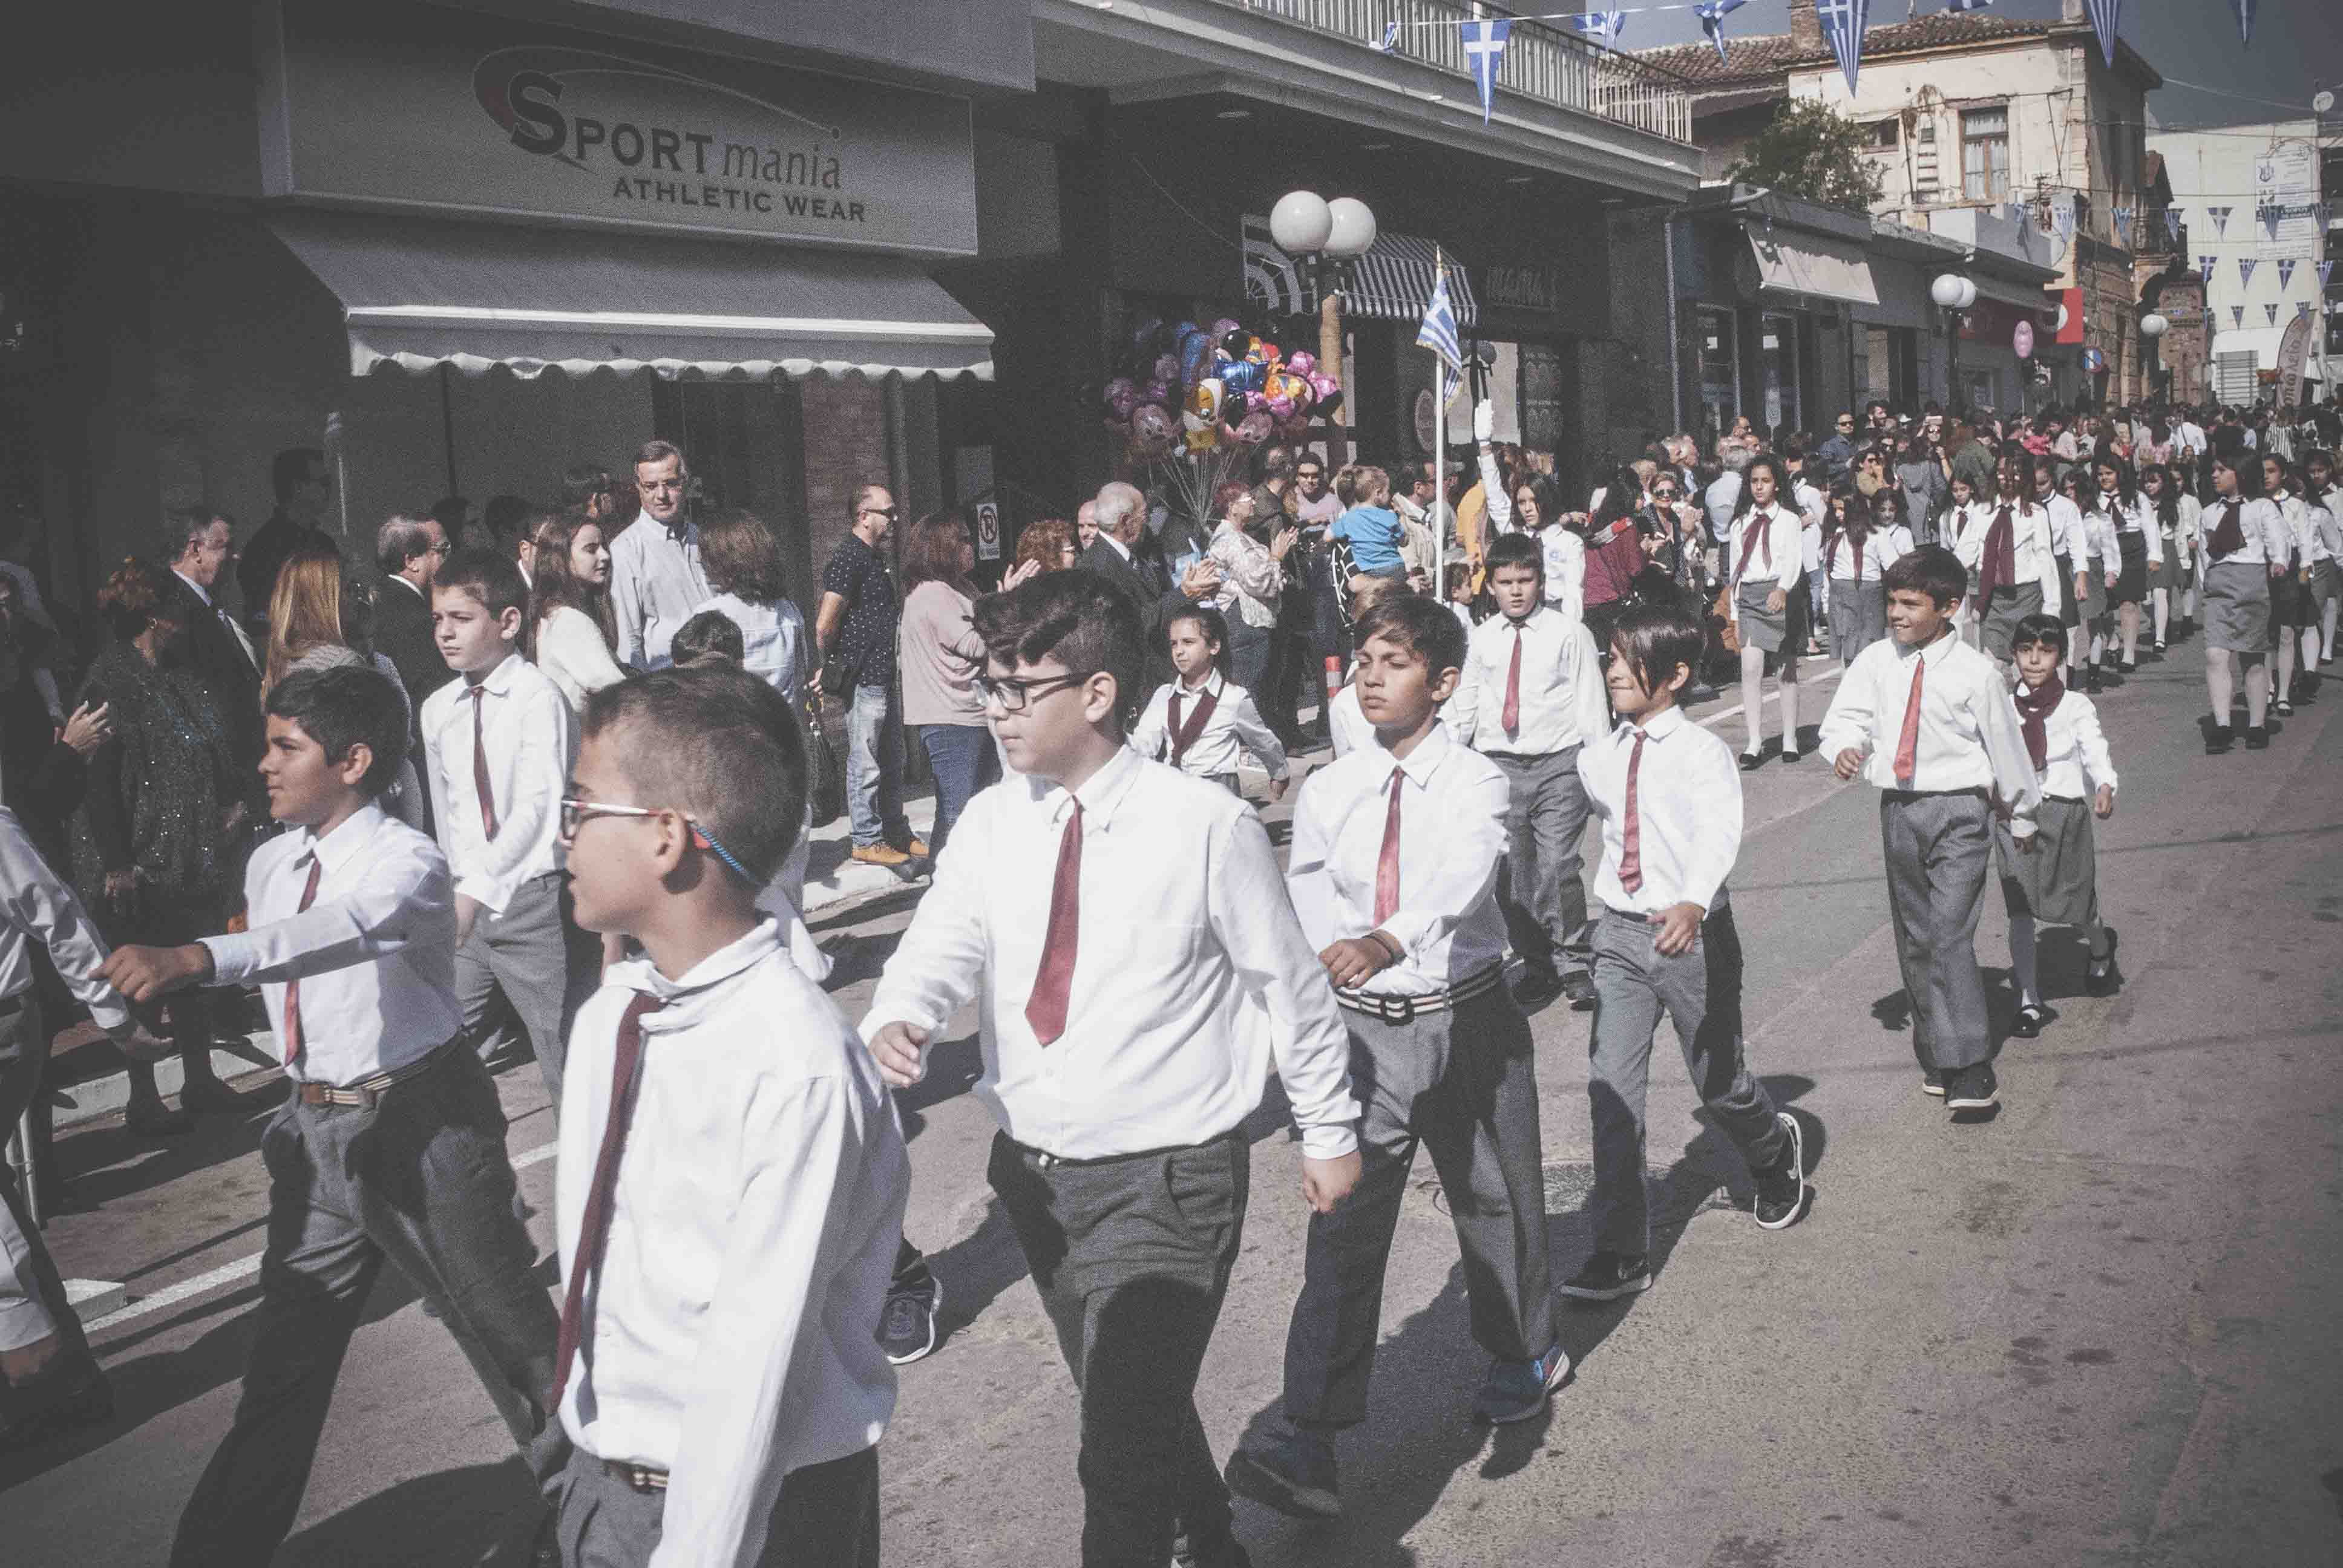 Φωτογραφικό υλικό από την παρέλαση στα Ψαχνά Φωτογραφικό υλικό από την παρέλαση στα Ψαχνά DSC 0359